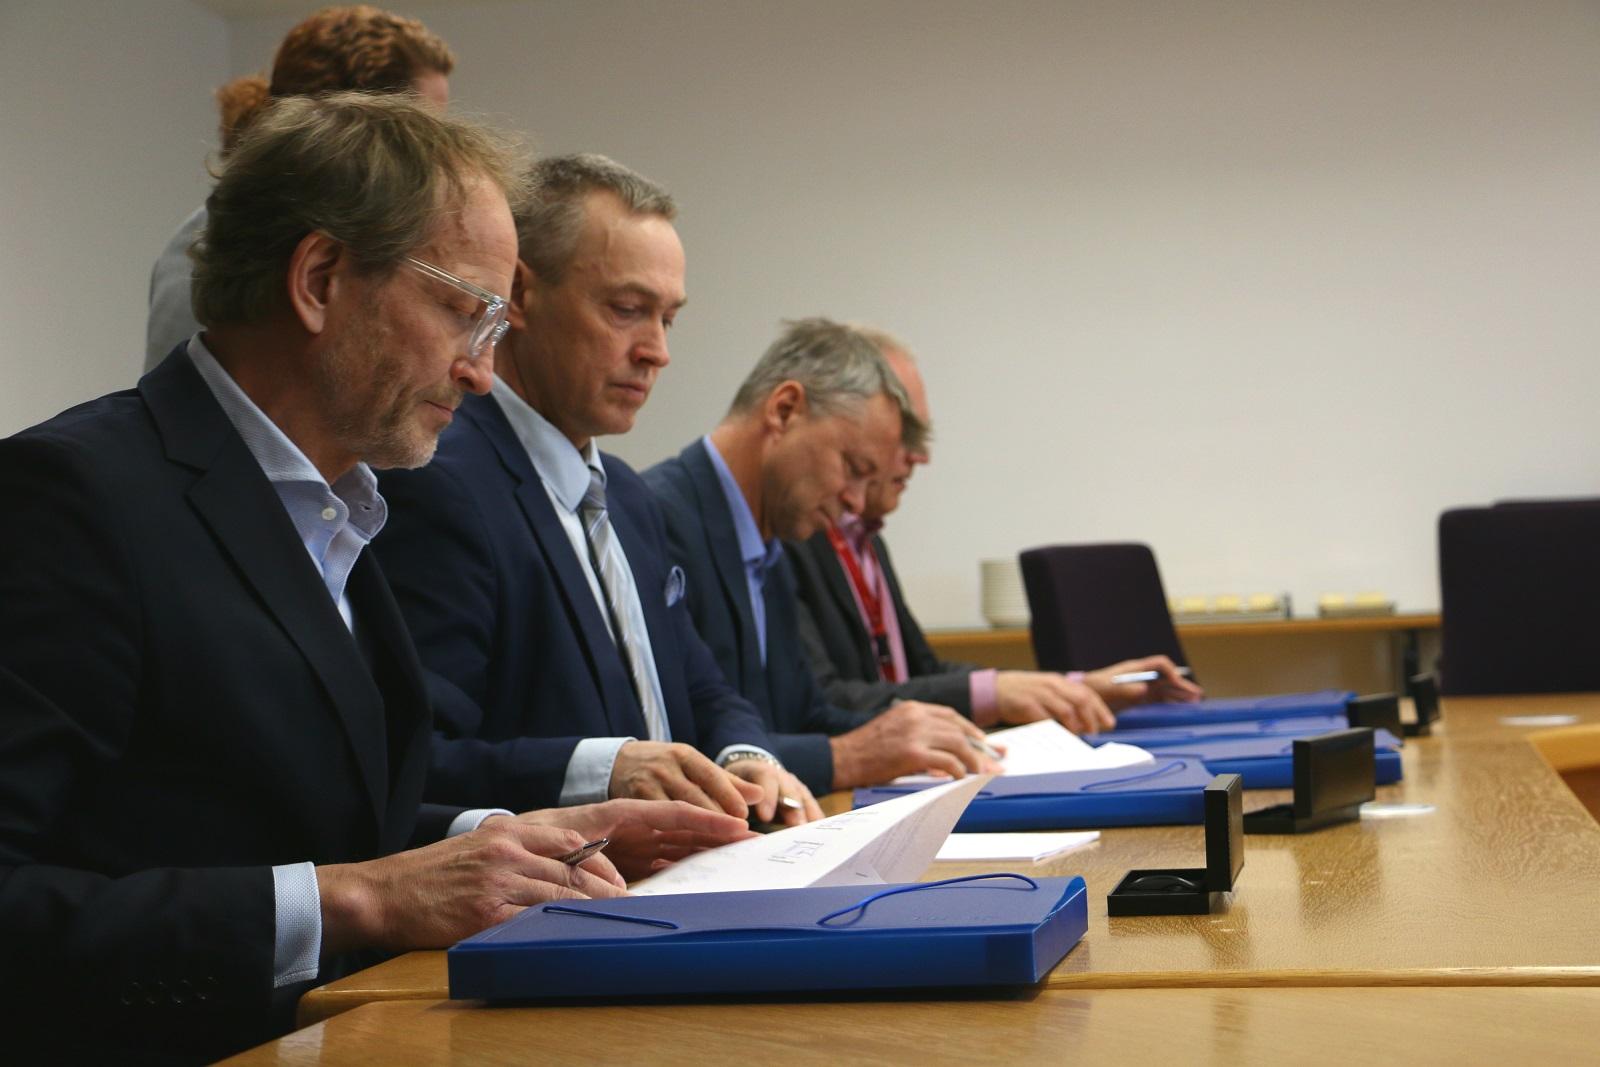 Matti Anttila, Tuomas Särkilahti, Markku Varis ja Hannu Juvonen allekirjoittamassa sopimusta rivissä.